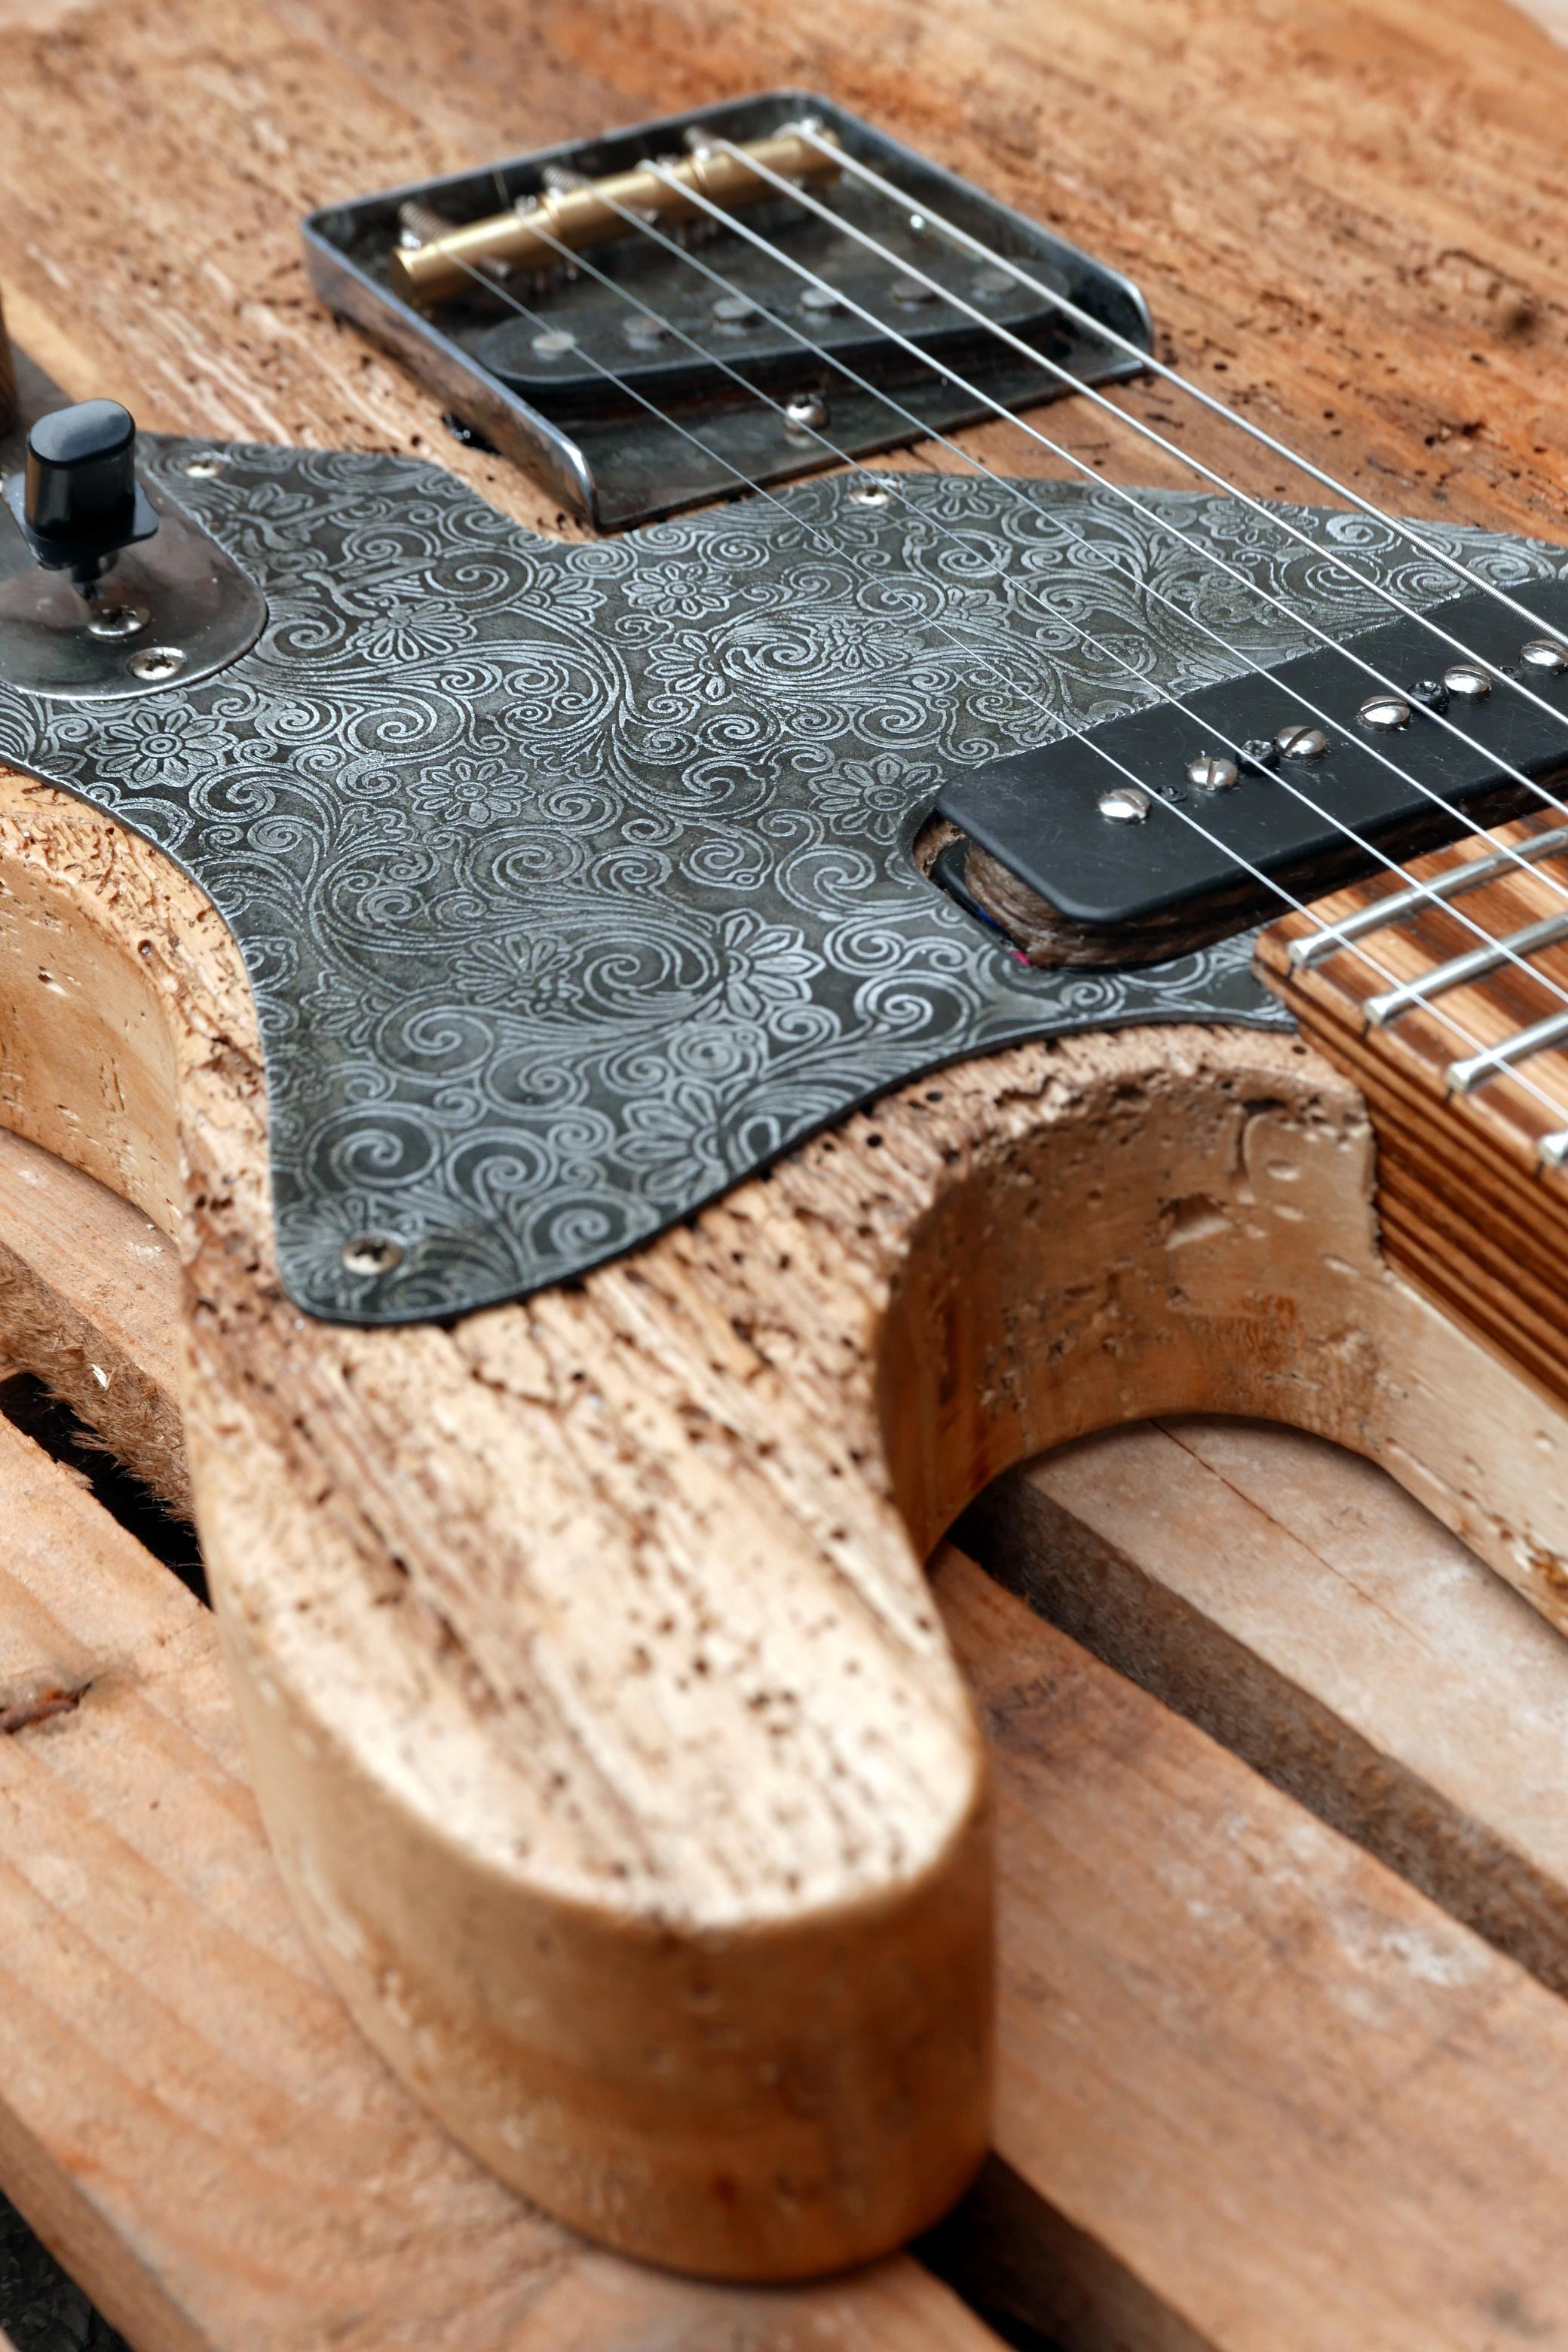 dettaglio battipenna e legno tarlato